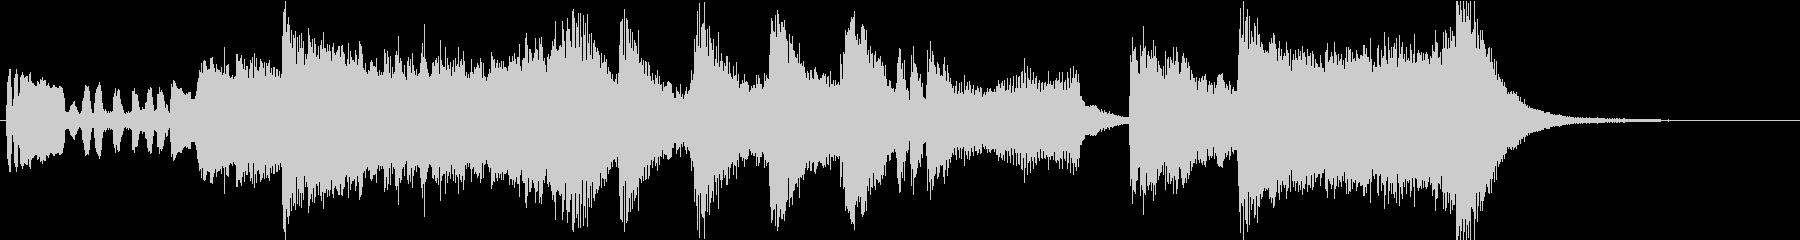 オーケストラによるファンファーレ01の未再生の波形